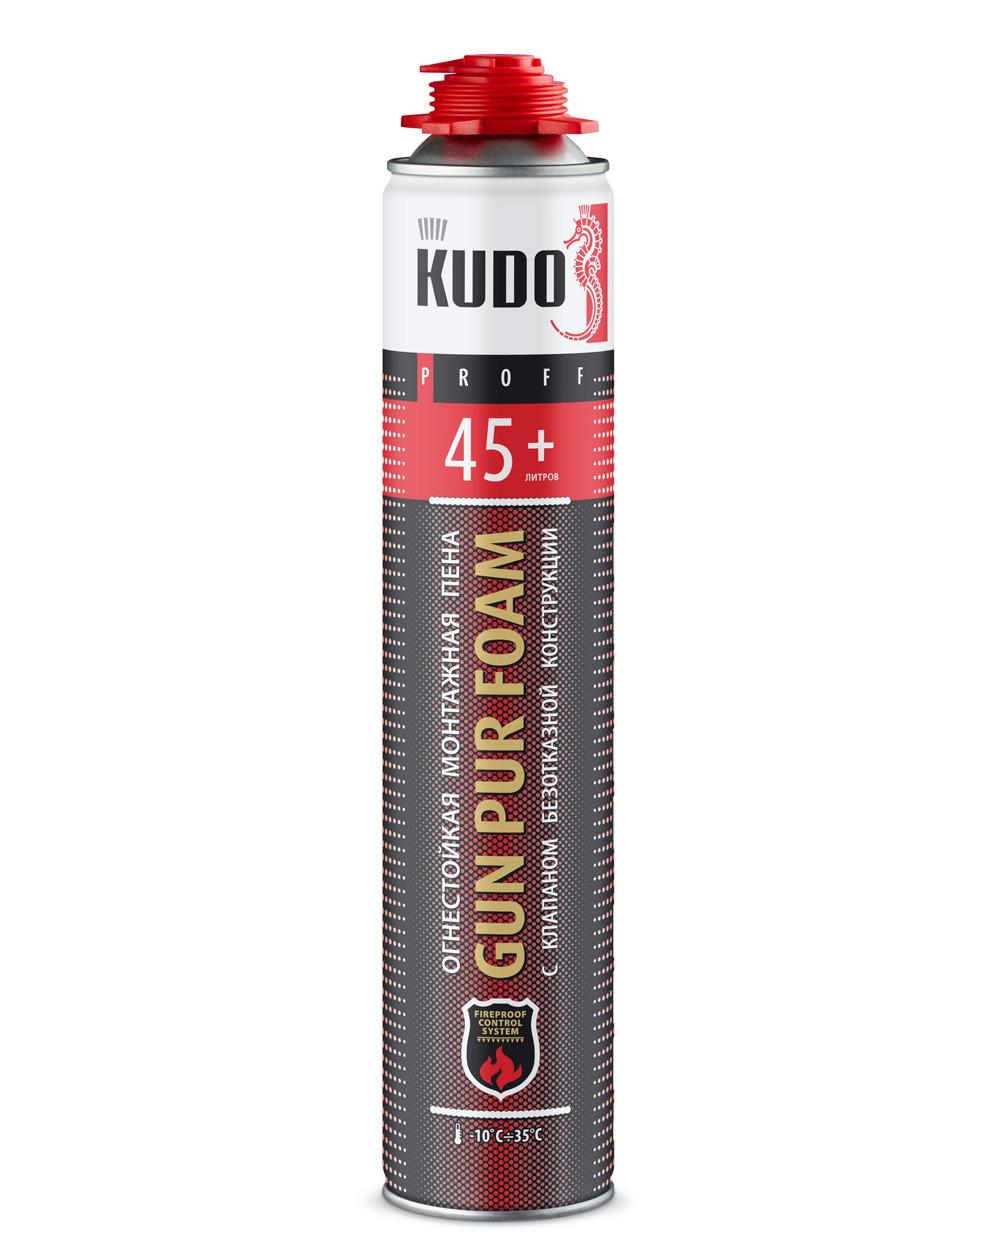 KUPPF10U45+ Пена монтажная профессиональная огнестойкая всесезонная PROFF 45+ FIREPROOF - Интернет-магазин BiBiOil  в Днепропетровской области